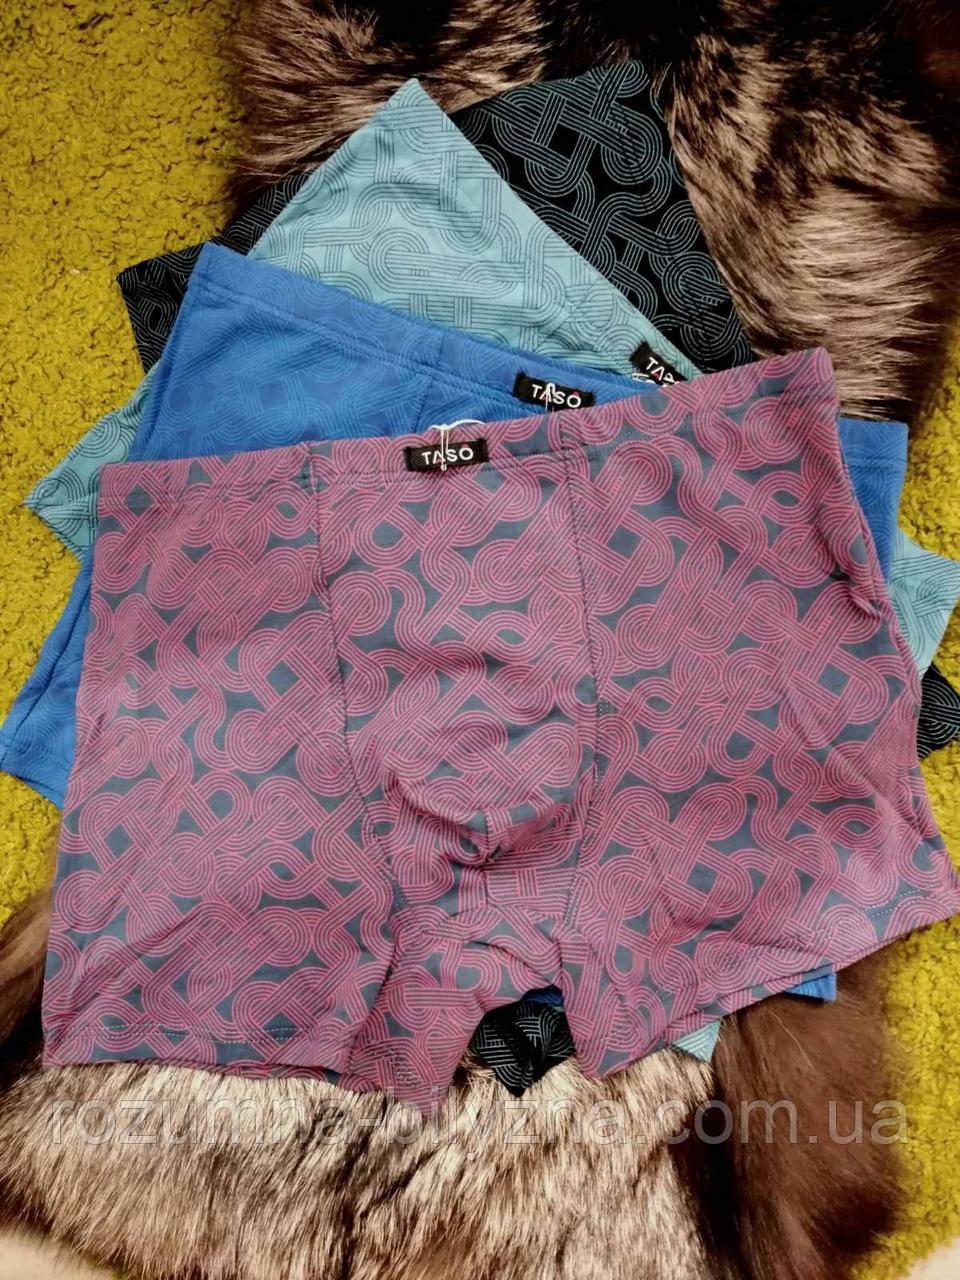 Труси-боксери чоловічі кольорові Cotton&Bamboo. ТМ Taso. XL